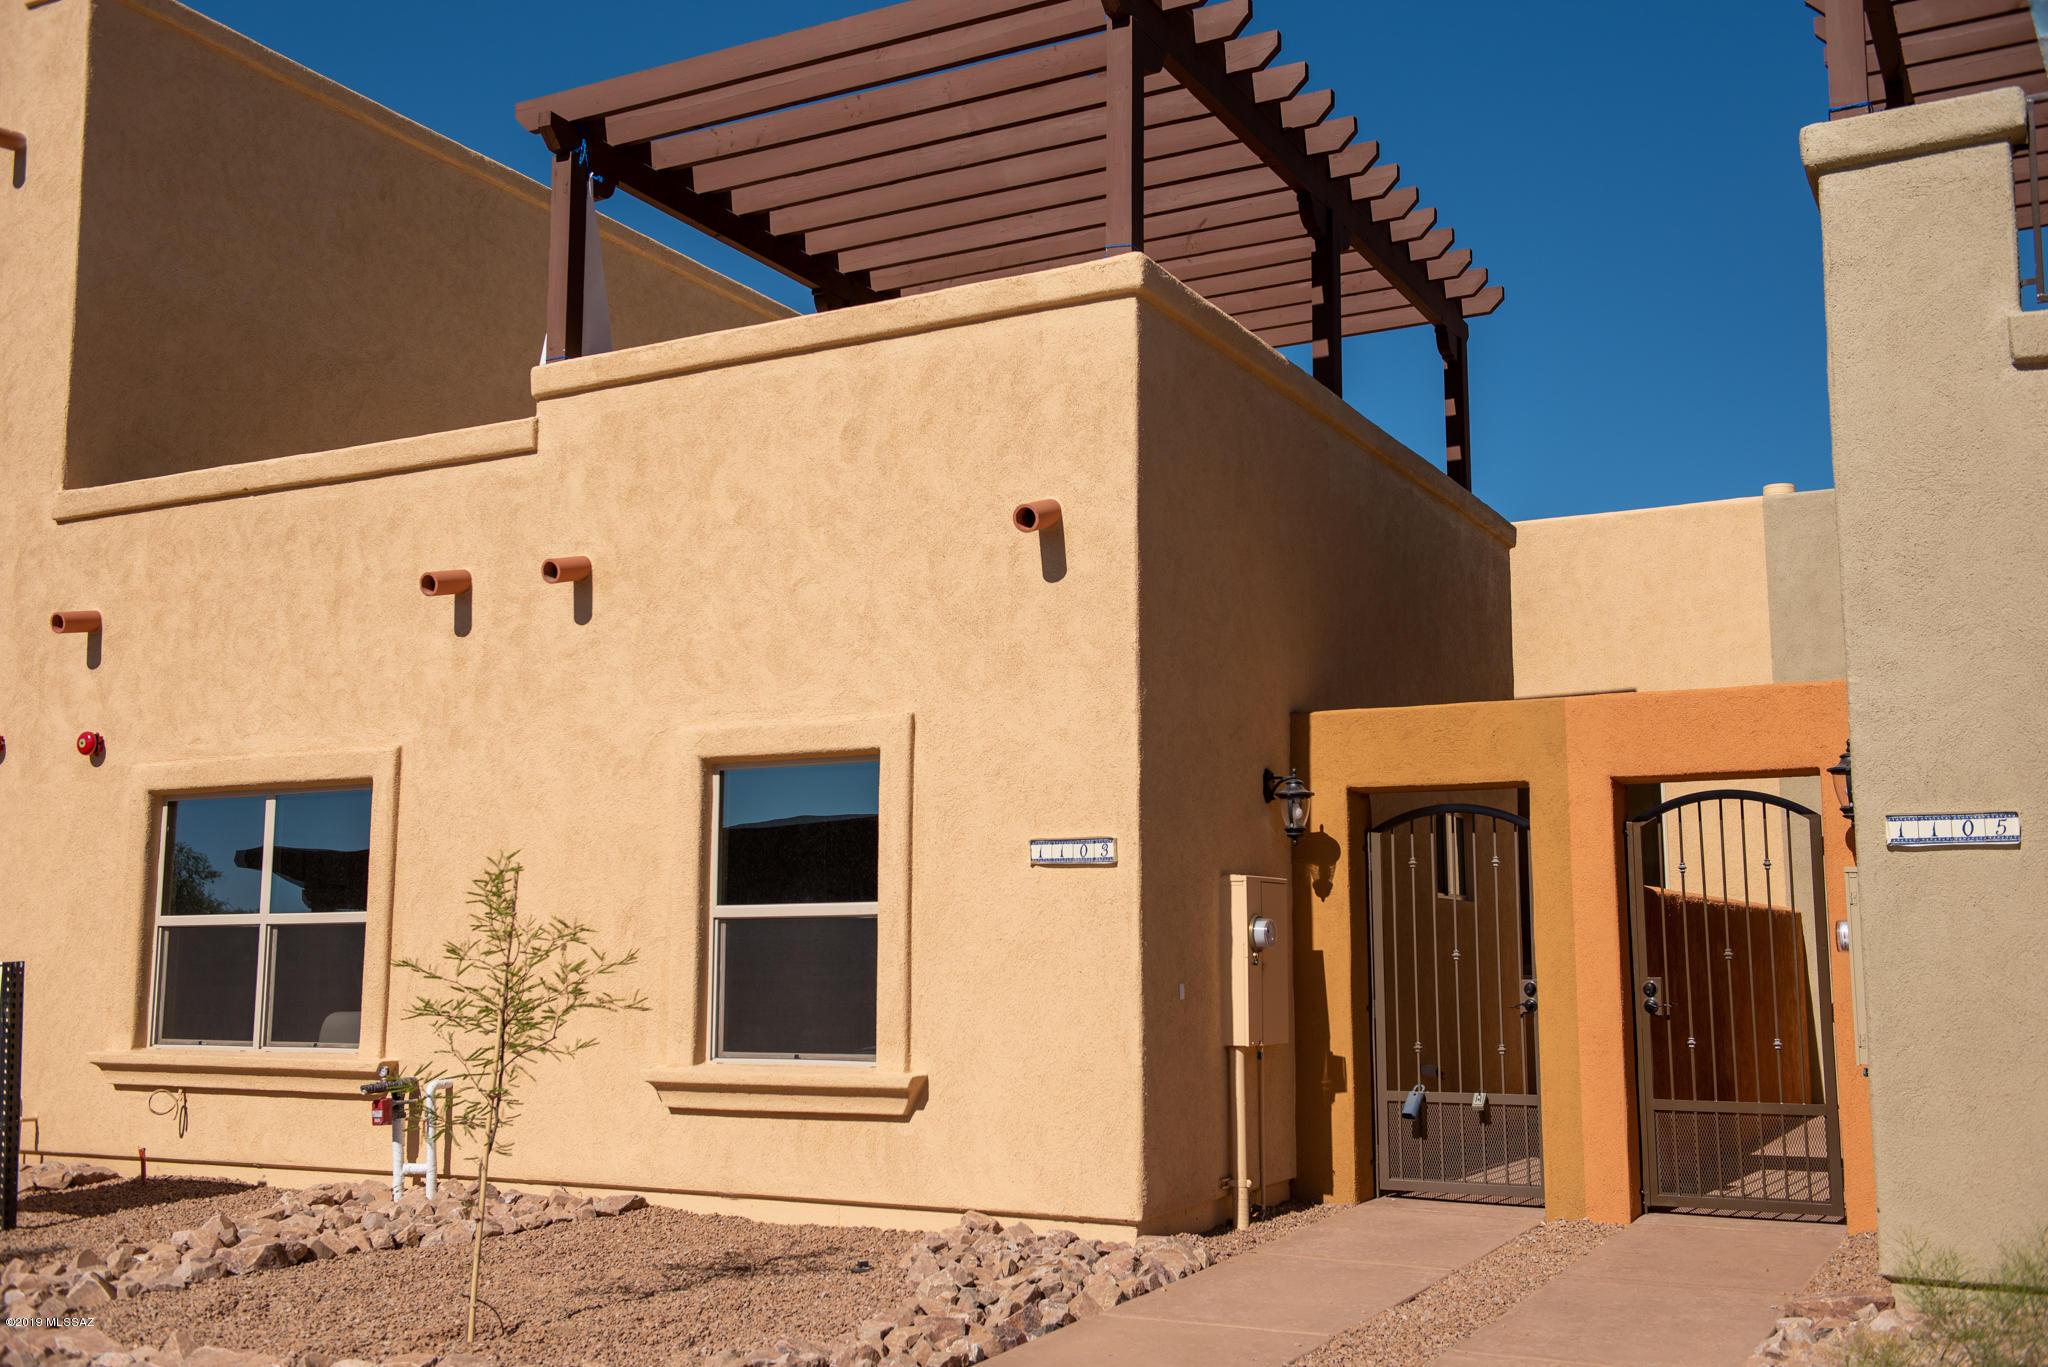 Photo of 1103 Lombard Way, Tubac, AZ 85646